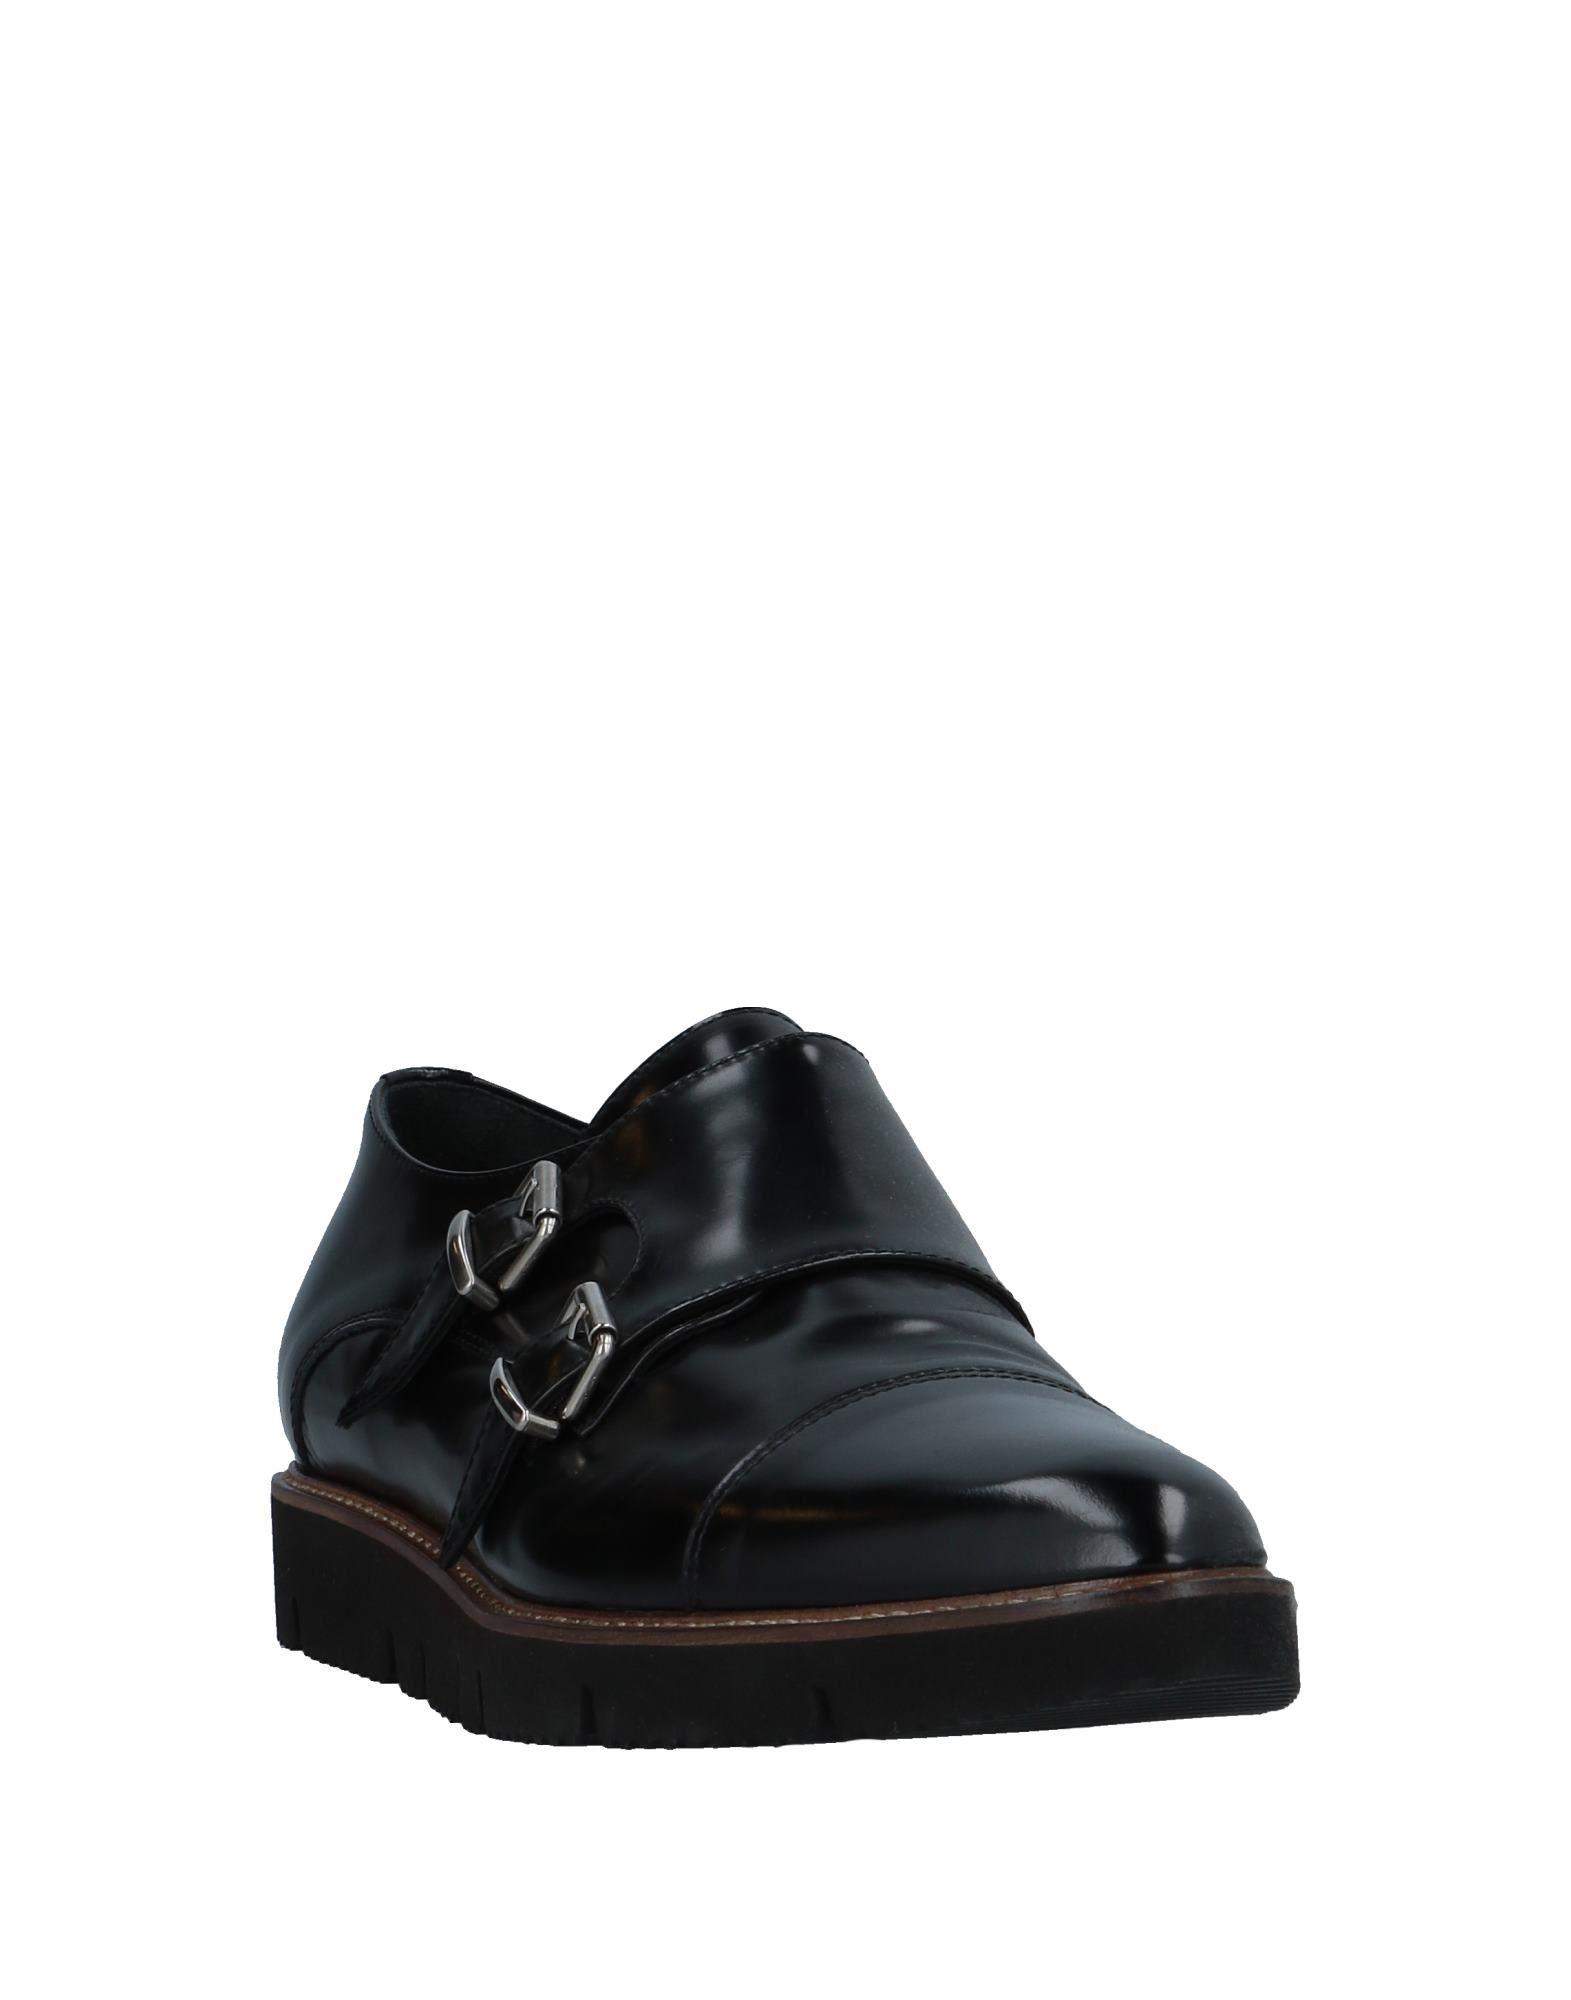 Sensunique Mokassins Damen  Schuhe 11508160RS Gute Qualität beliebte Schuhe  577cbe